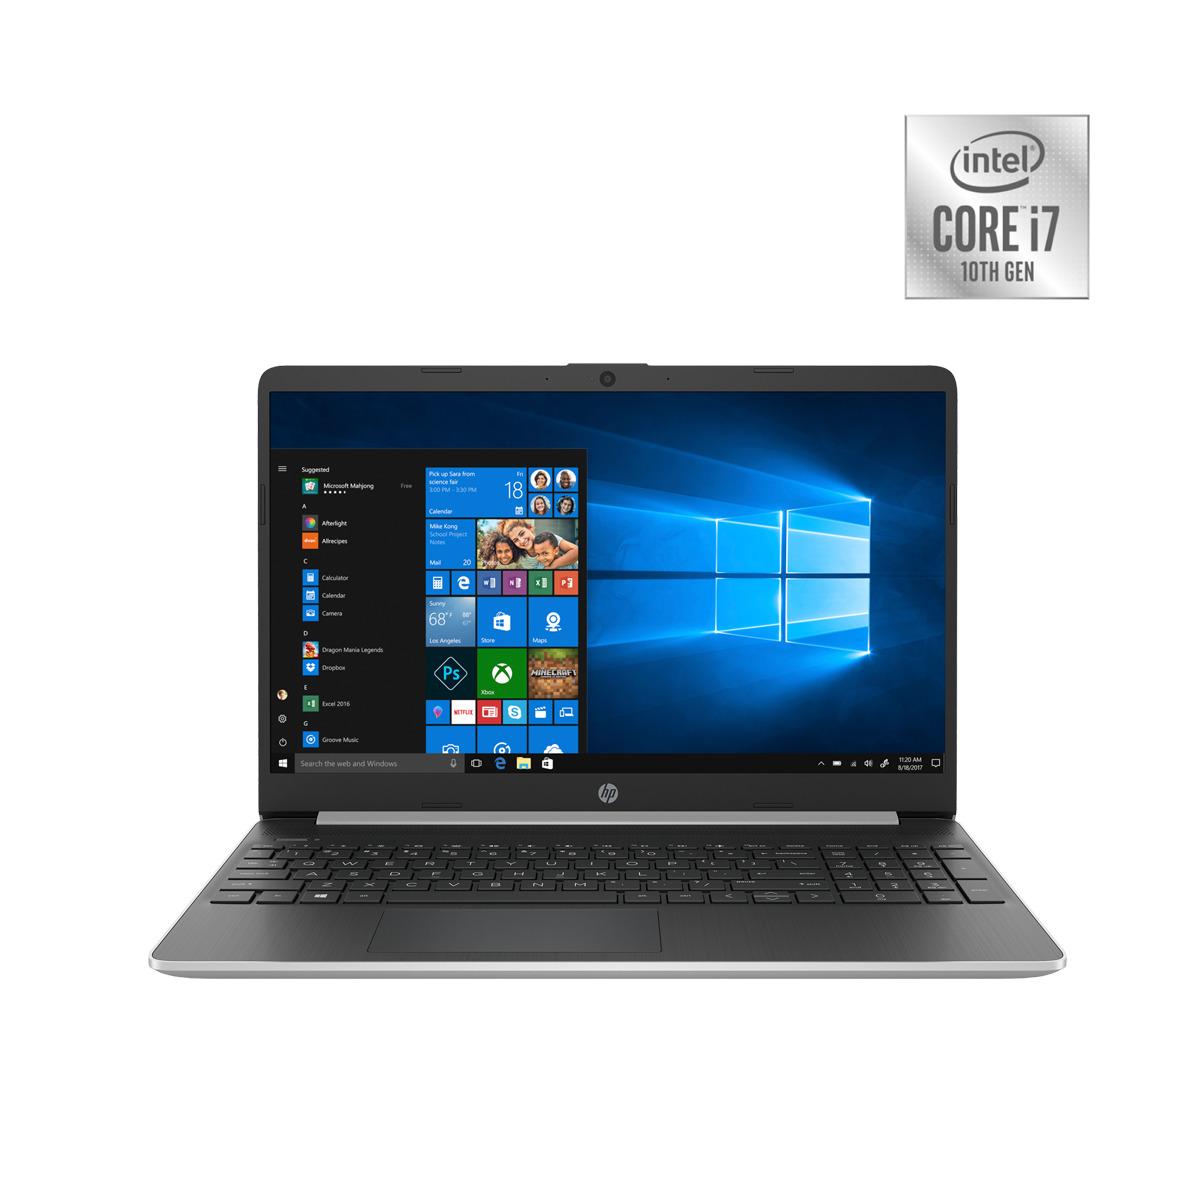 Trabajar mejor es trabajar más. El HP 15s-fq1012ns auna ligereza y buen rendimiento, ofreciendo un procesador Core i7, 8 GB de RAM y una SSD de 512 GB en formato de 15 pulgadas para que las labores diarias nunca se te hagan cuesta arriba. Y hasta puede ejecutar algunos indies gracias a sus gráficos Iris Plus.